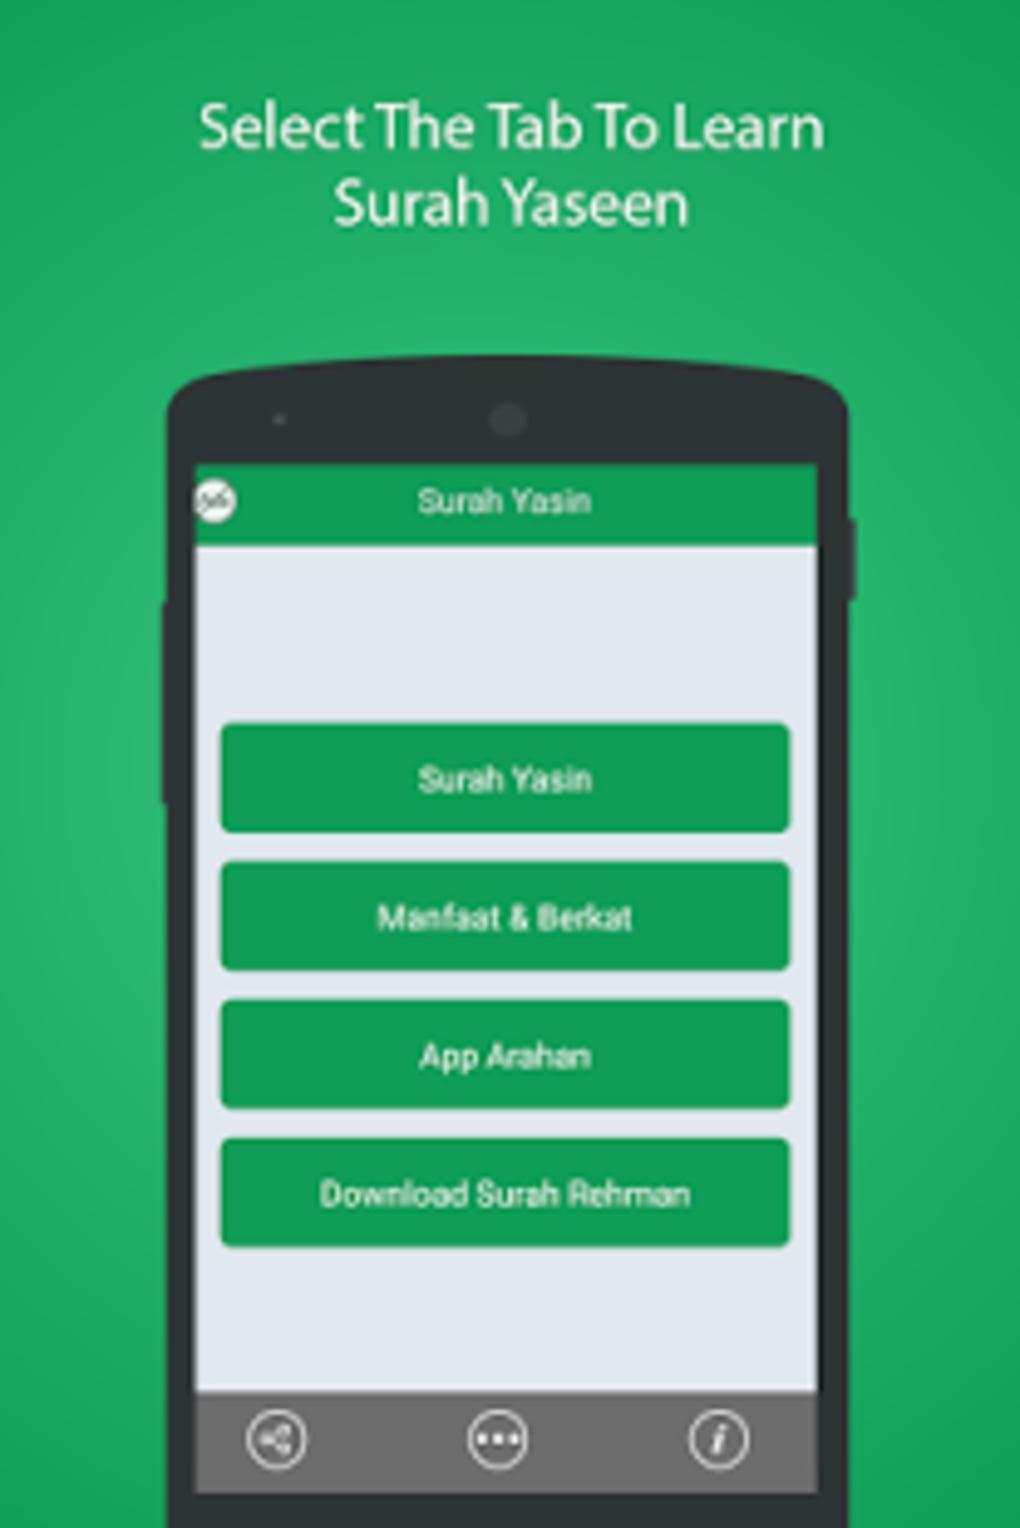 Surah Yasin Urdu Translation for Android - Download